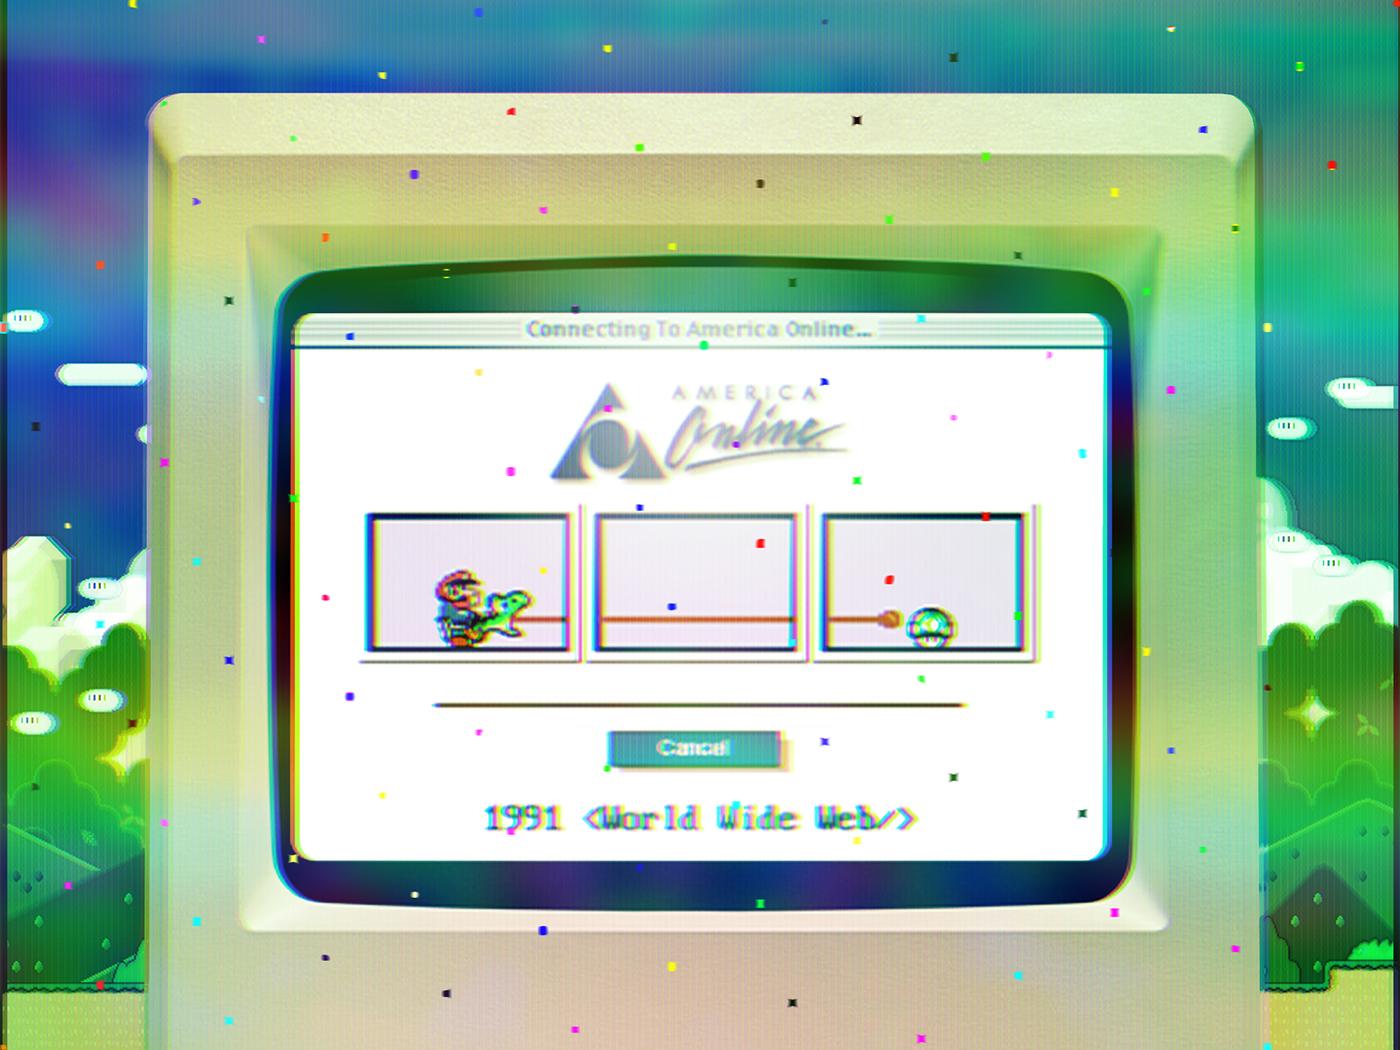 mario bros 30 anos de historia do game14 - MarioBros um game com 30 anos de história